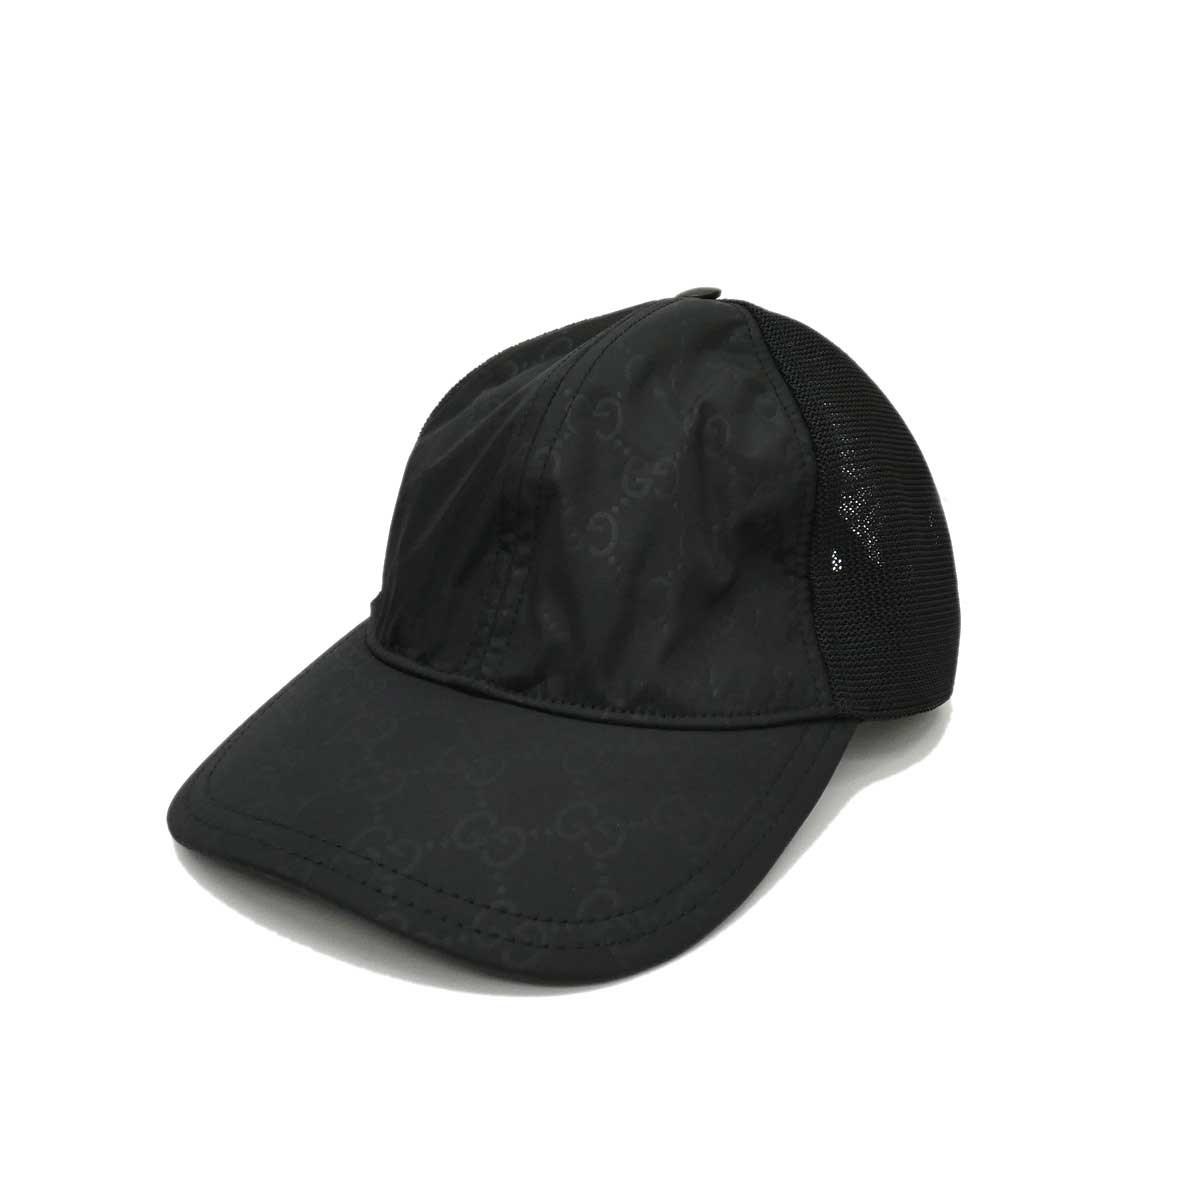 グッチ 中古 GUCCI ◇限定Special Price GG柄キャップ 041020 ブラック ブランド買うならブランドオフ サイズ:L